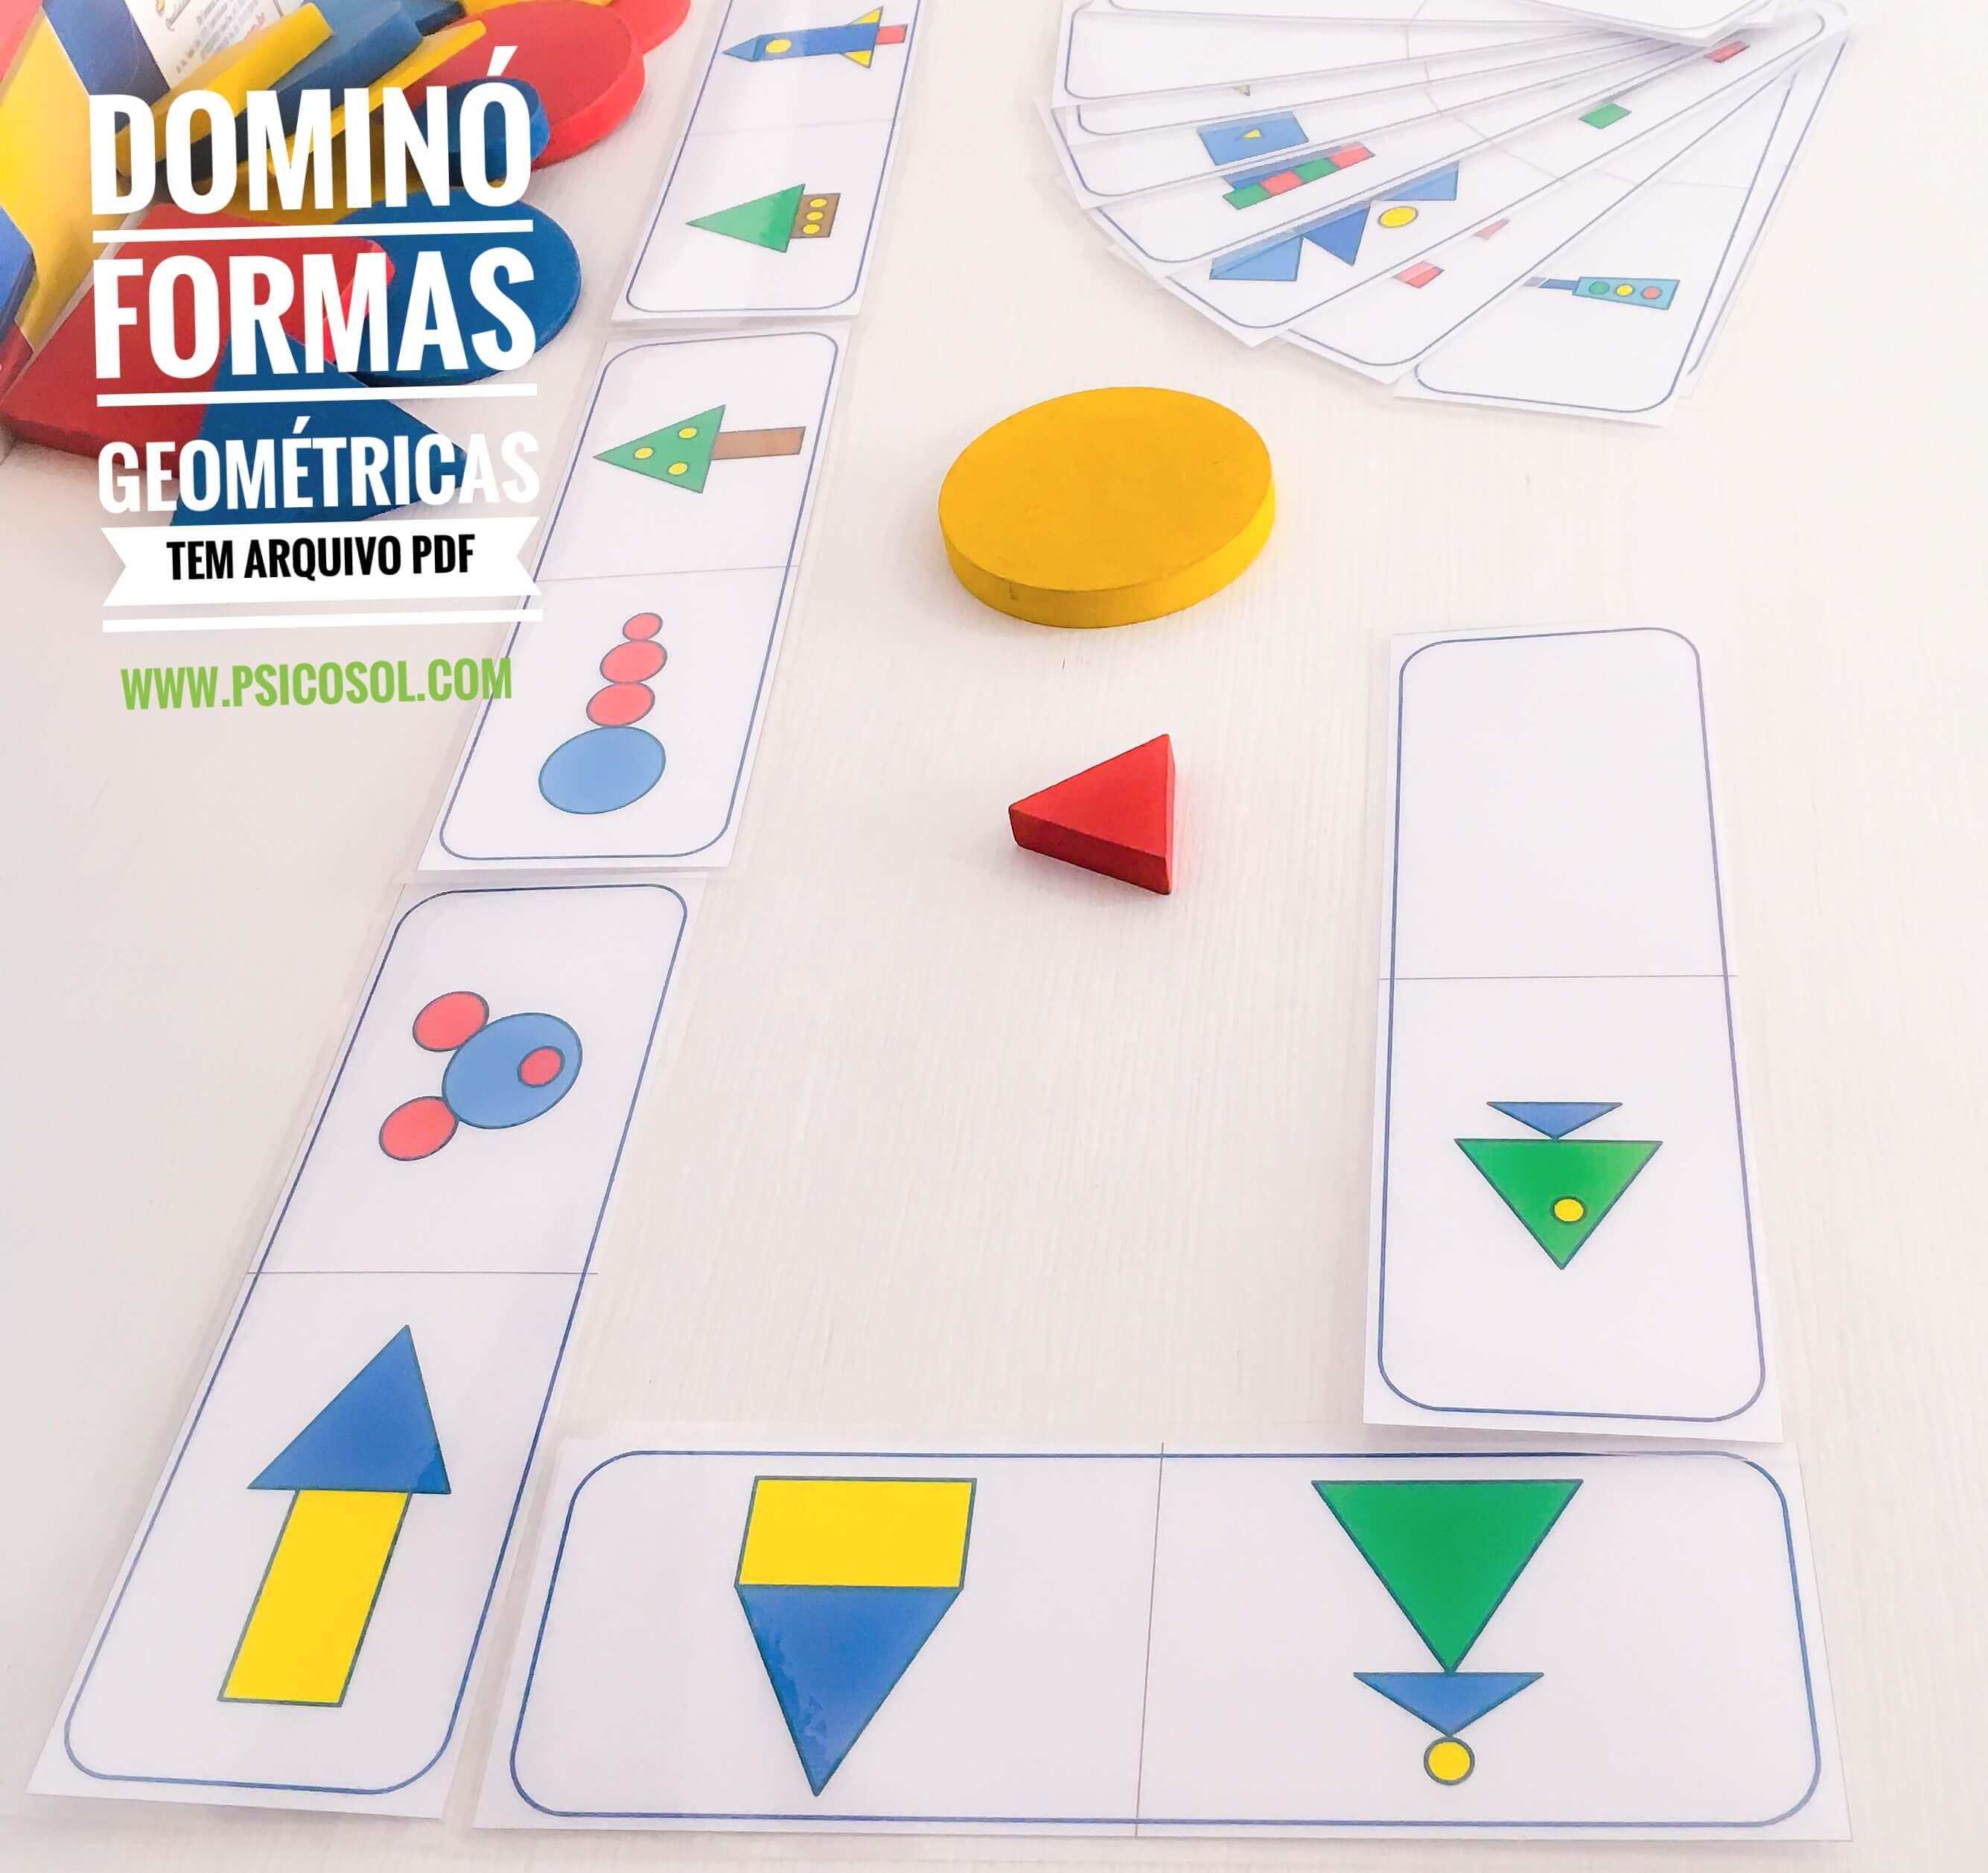 Dominó de formas geométricas